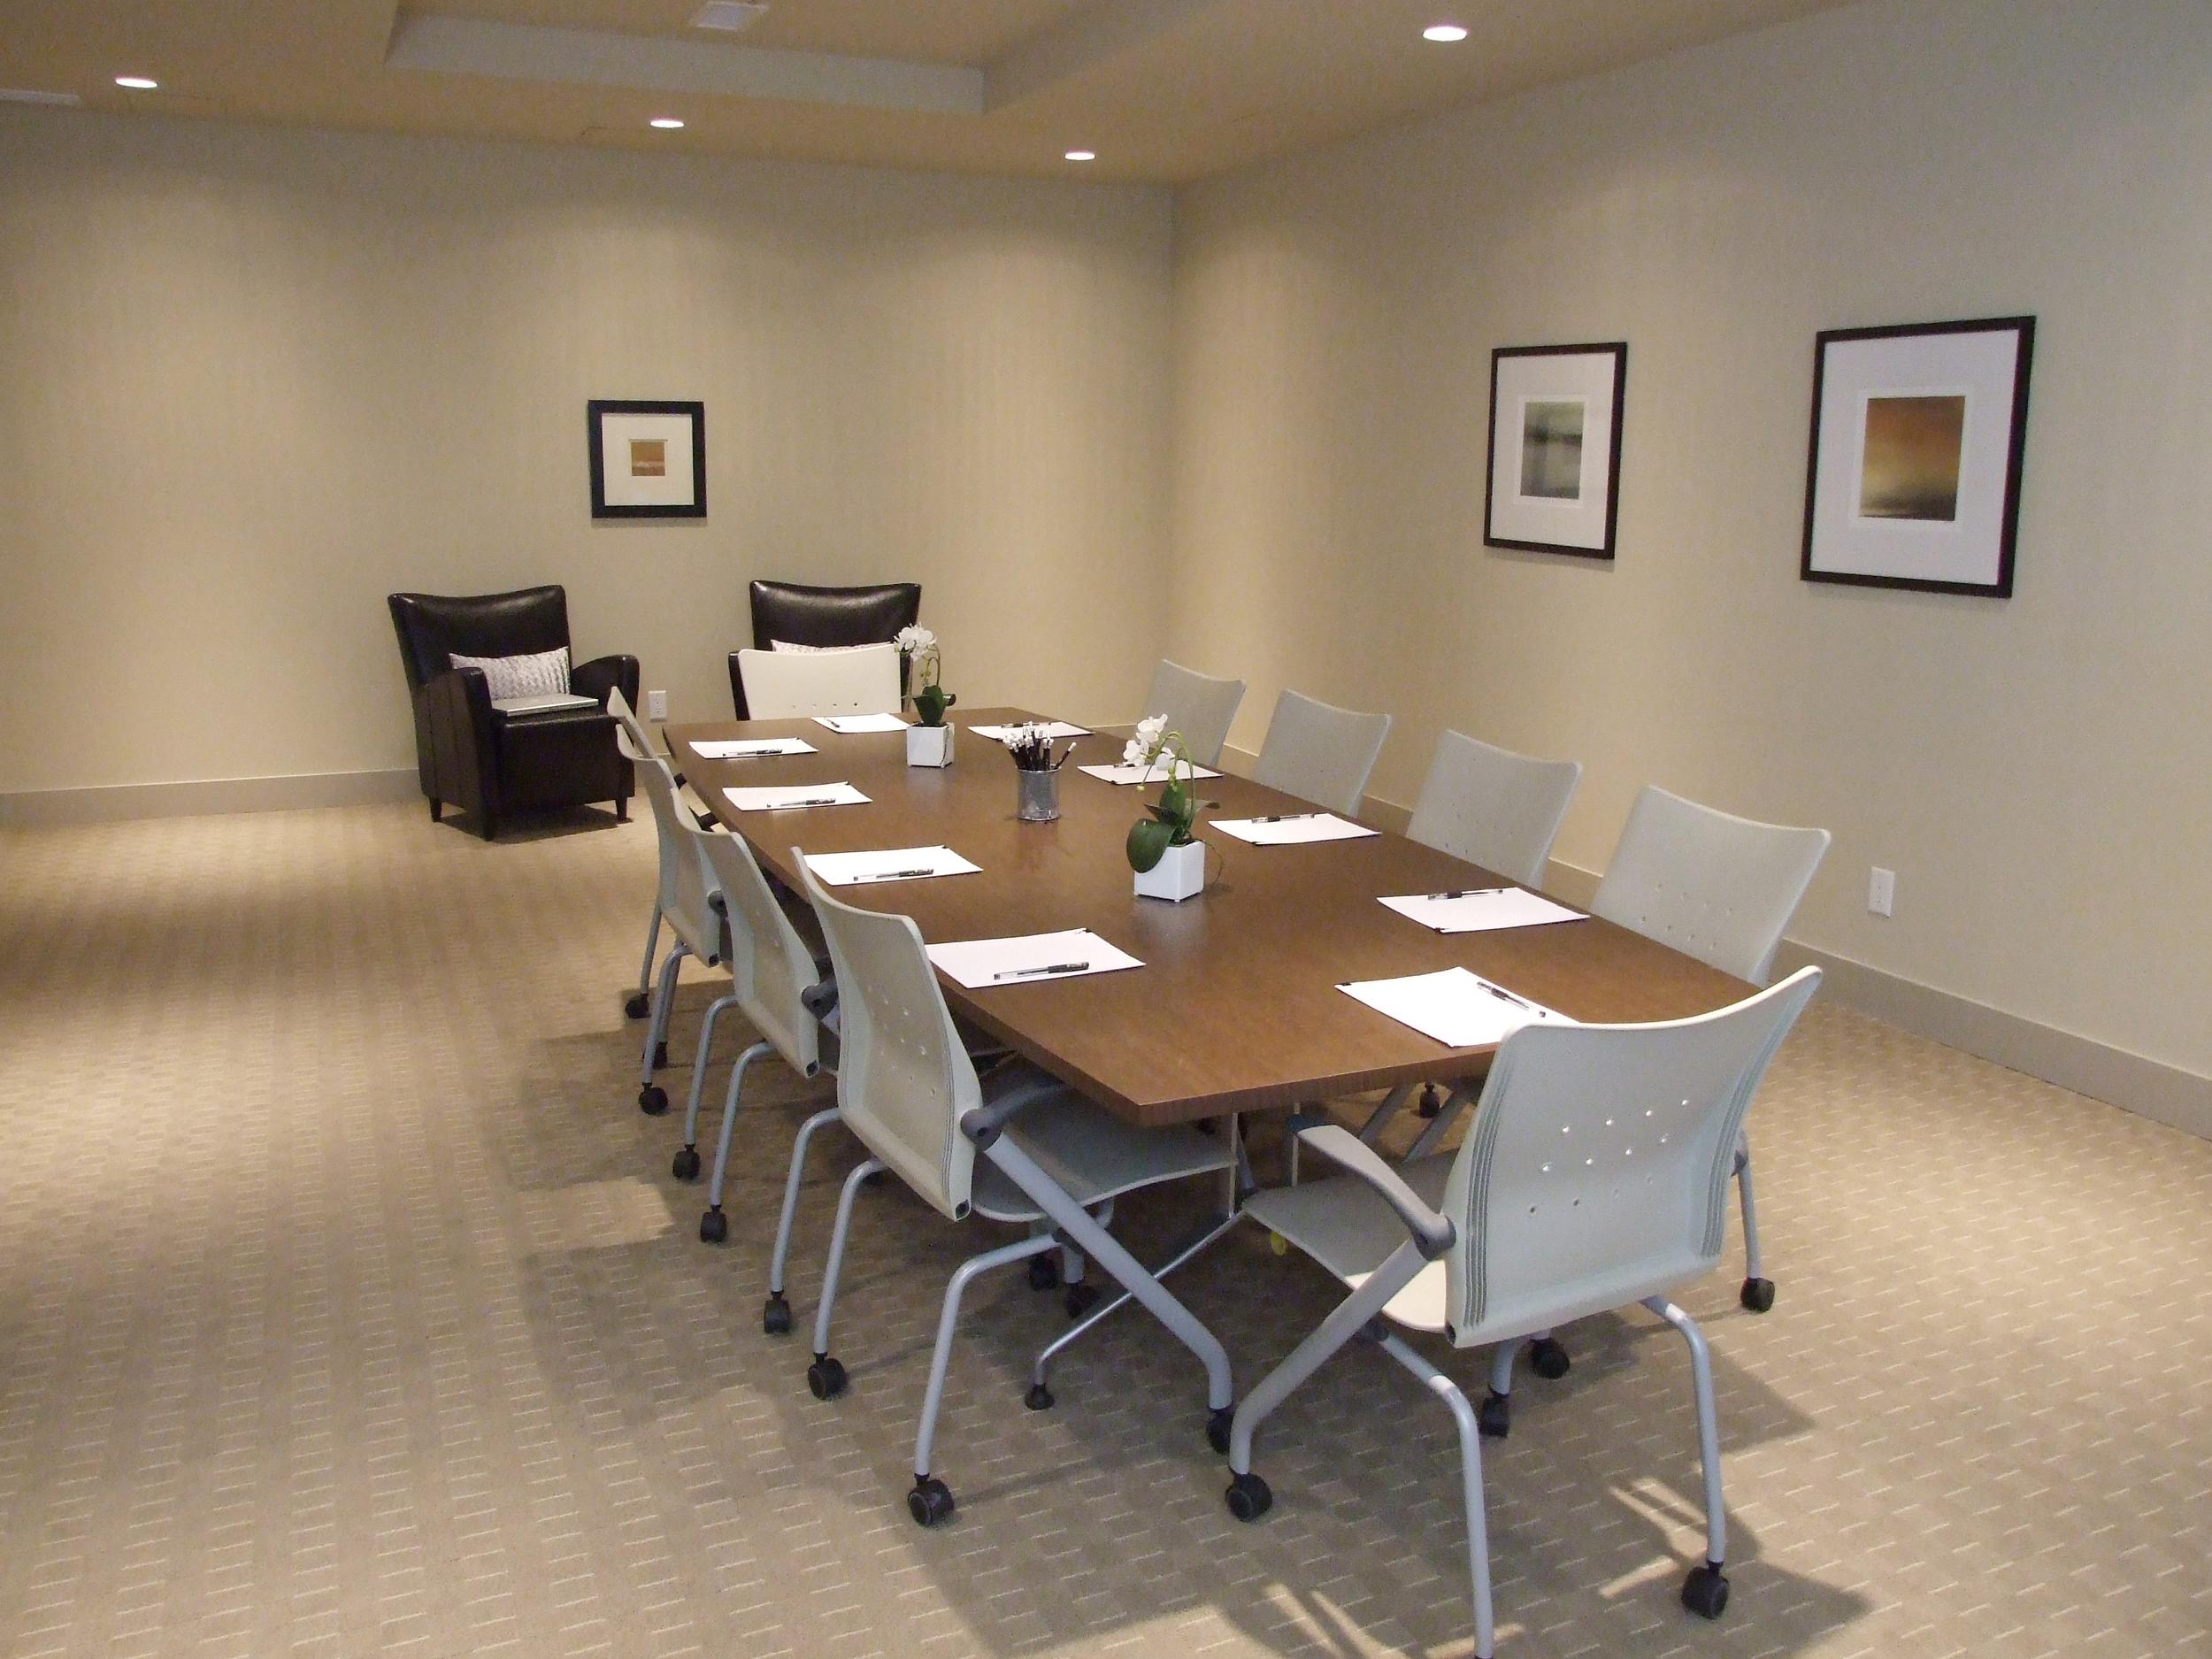 Invue_meetingroom_0003.jpg